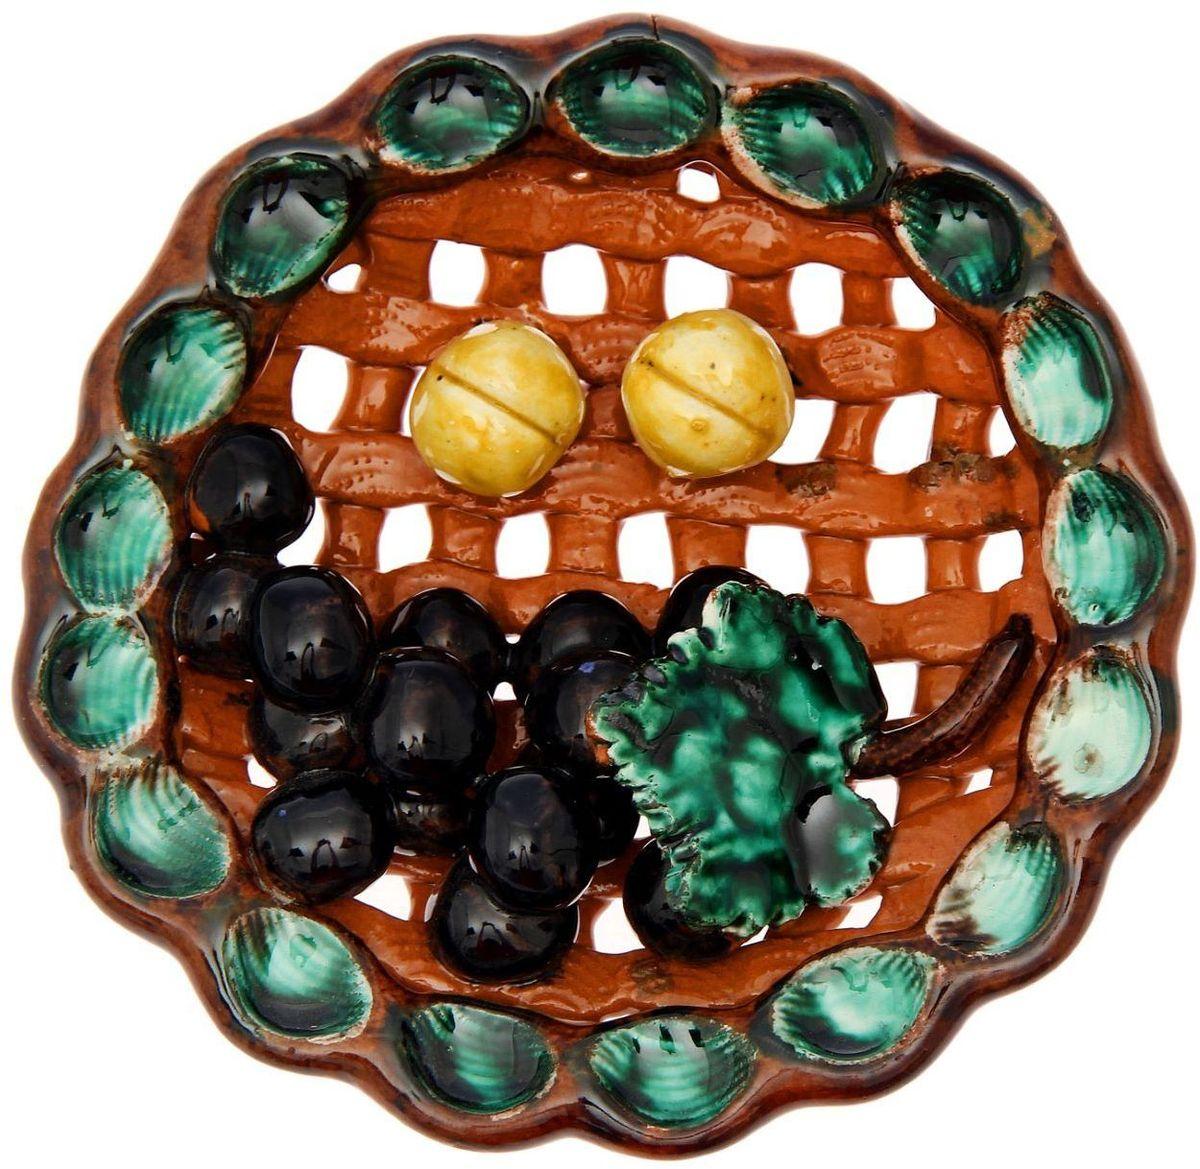 Тарелка декоративная Риштанская керамика, цвет: коричневый, зеленый, черный, диаметр 13 см1692190Узбекская посуда известна всему миру уже более тысячи лет. Ей любовались царские особы, на ней подавали еду шейхам и знатным персонам. Формула глазури передается из поколения в поколение. По сей день качественные изделия продолжают восхищать своей идеальной формой. Декоративная тарелка Риштанская керамика подойдет для оформления вашего дома. Дополните стол текстилем и салфетками в тон, чтобы получить элегантное убранство с яркими акцентами. Диаметр: 13 см.